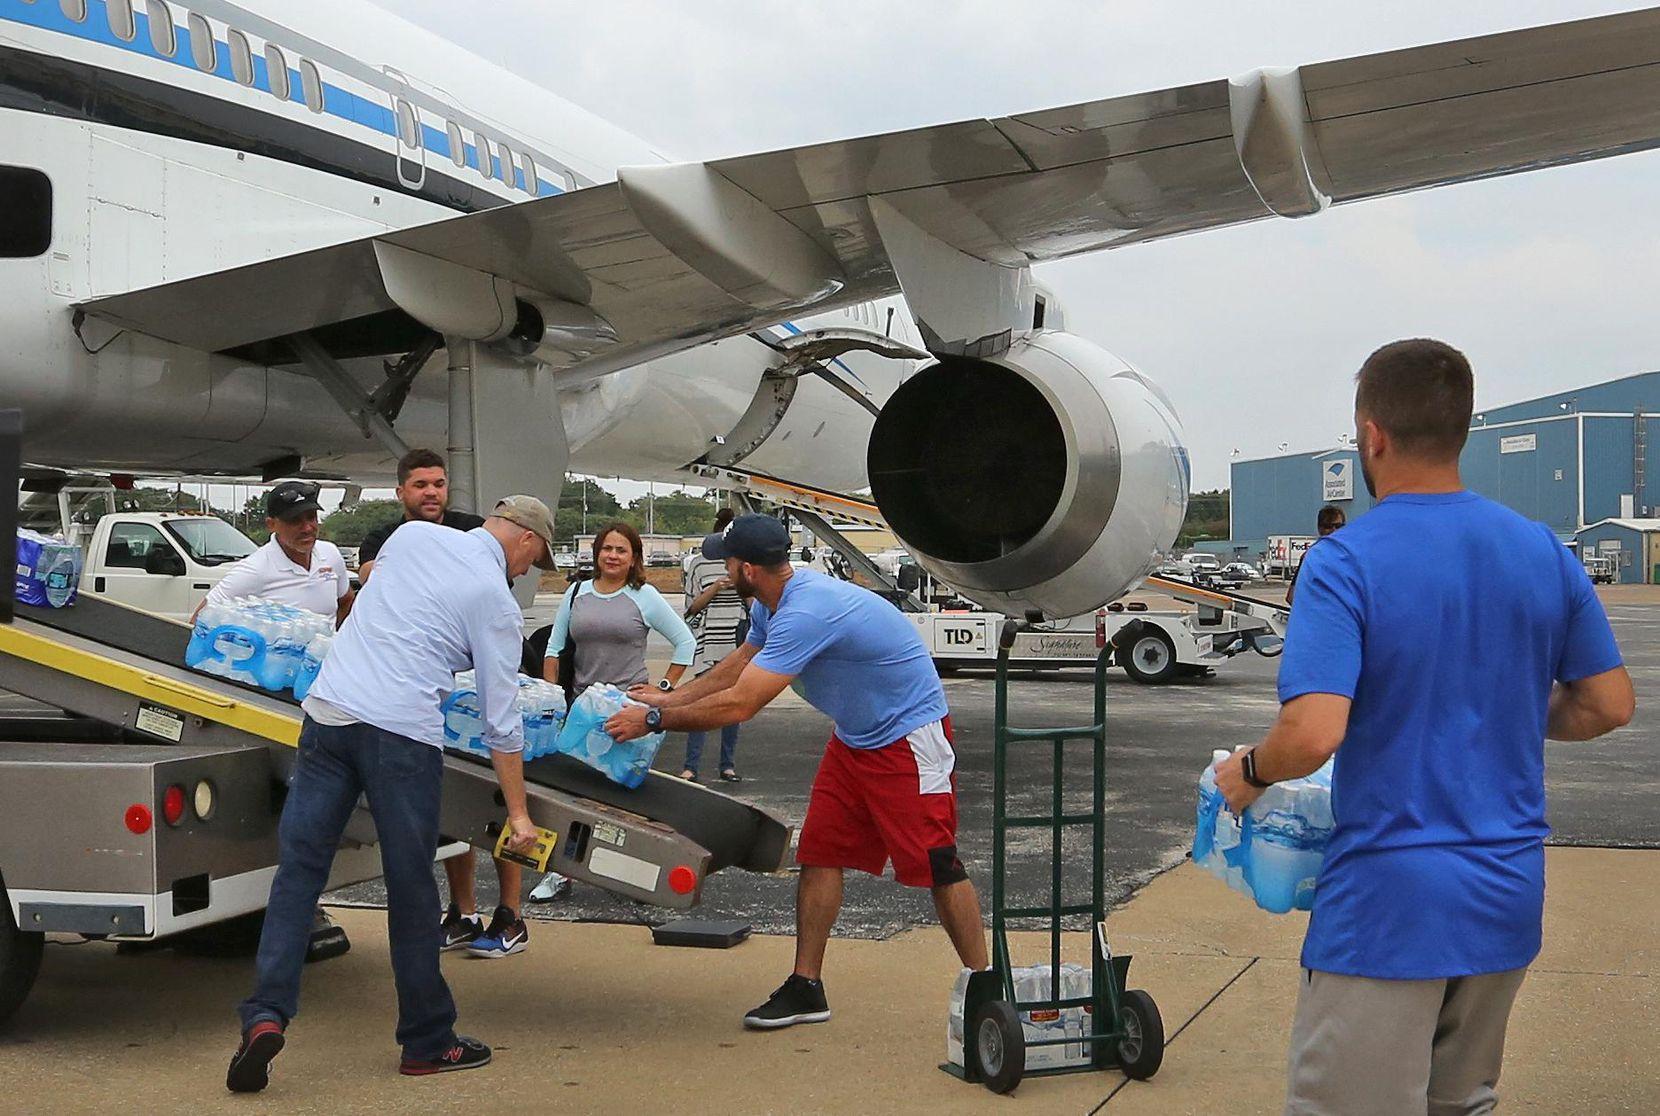 l jugador de los Mavericks, J.J. Barea (der.) ayuda a cargar de vituallas el avión de los Mavericks, en Love Field, para ser entregados en Puerto Rico. DMN